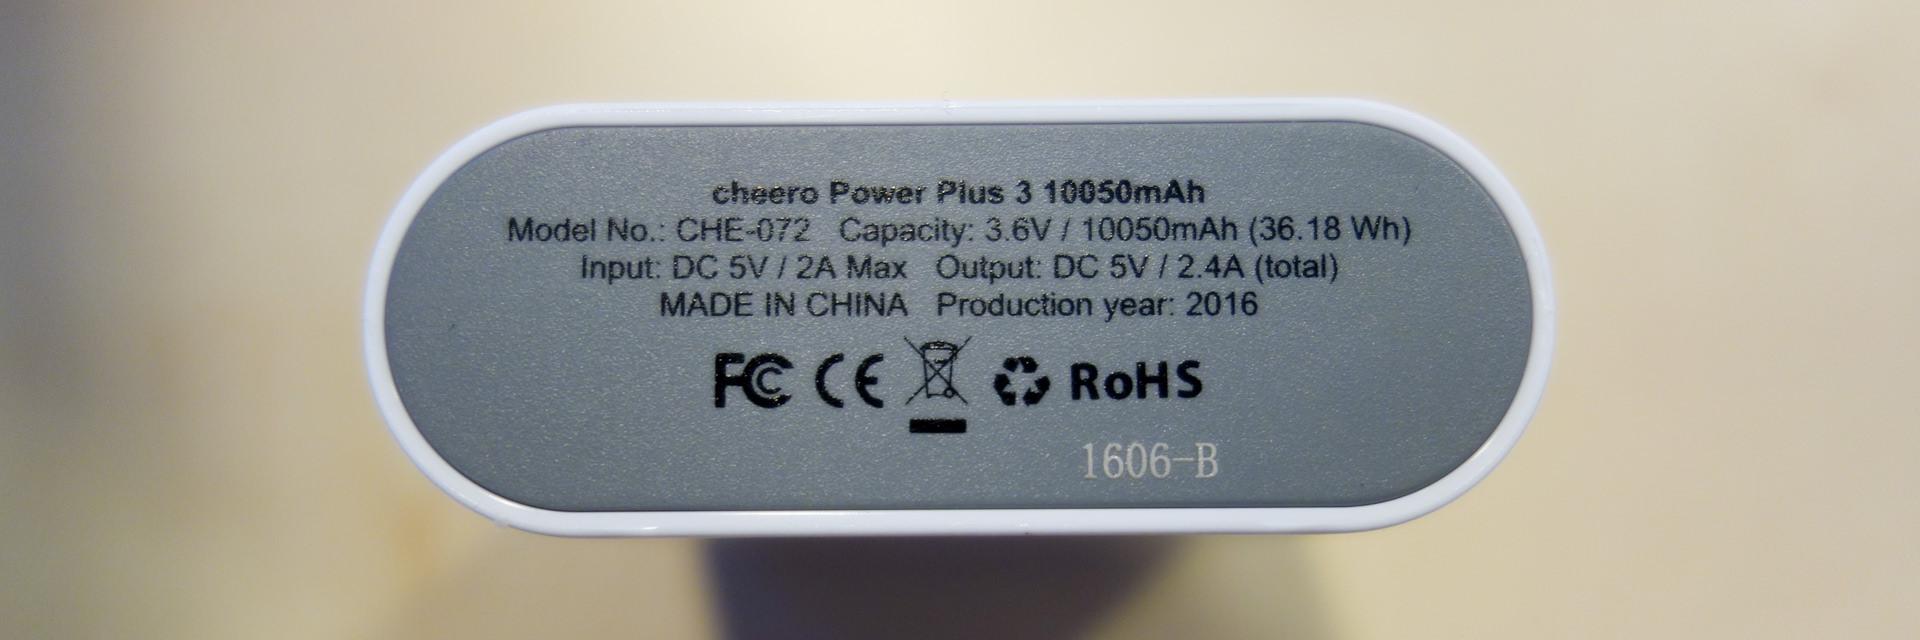 cheero Power Plus 3 10050mAh_5